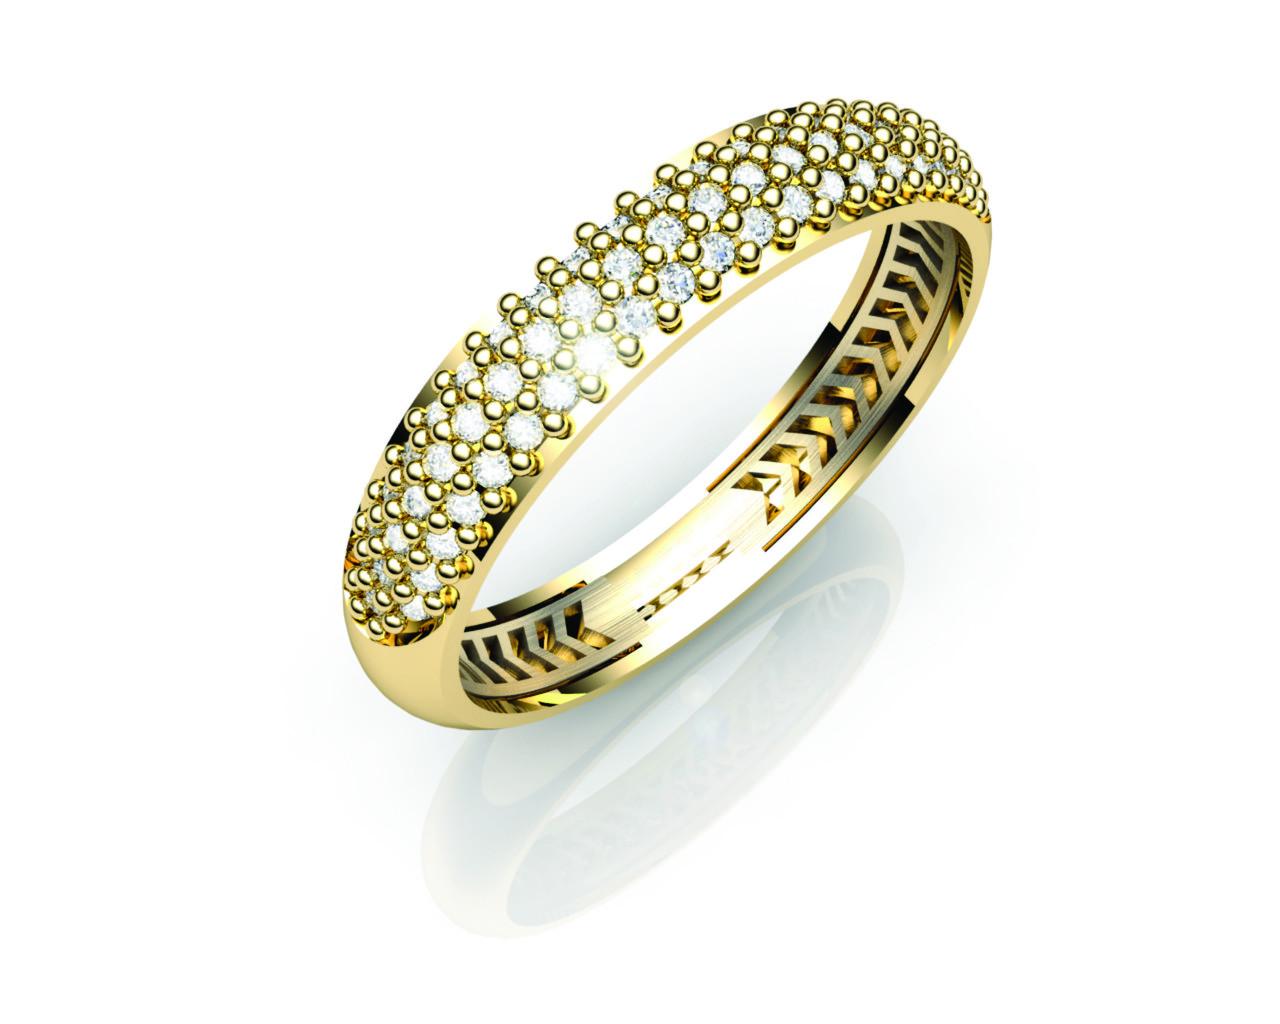 Aparador Ouro Amarelo com Brilhantes - APR425